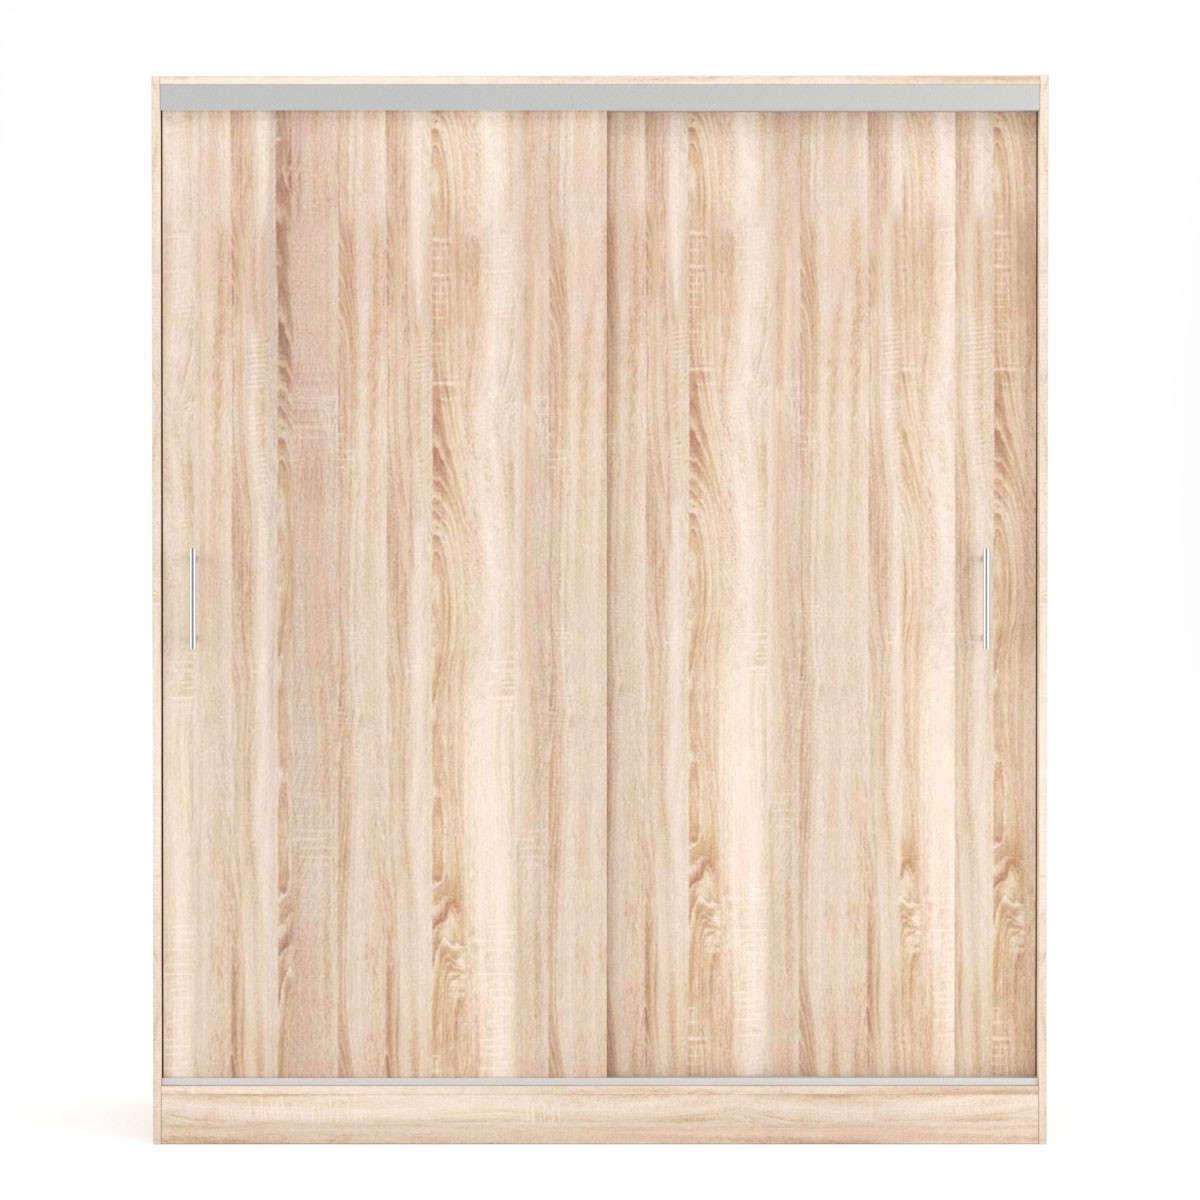 Ντουλάπα Δίφυλλη Συρόμενη Monalisa Sonoma FIL-000611 180x60x215εκ. Δίφυλλη